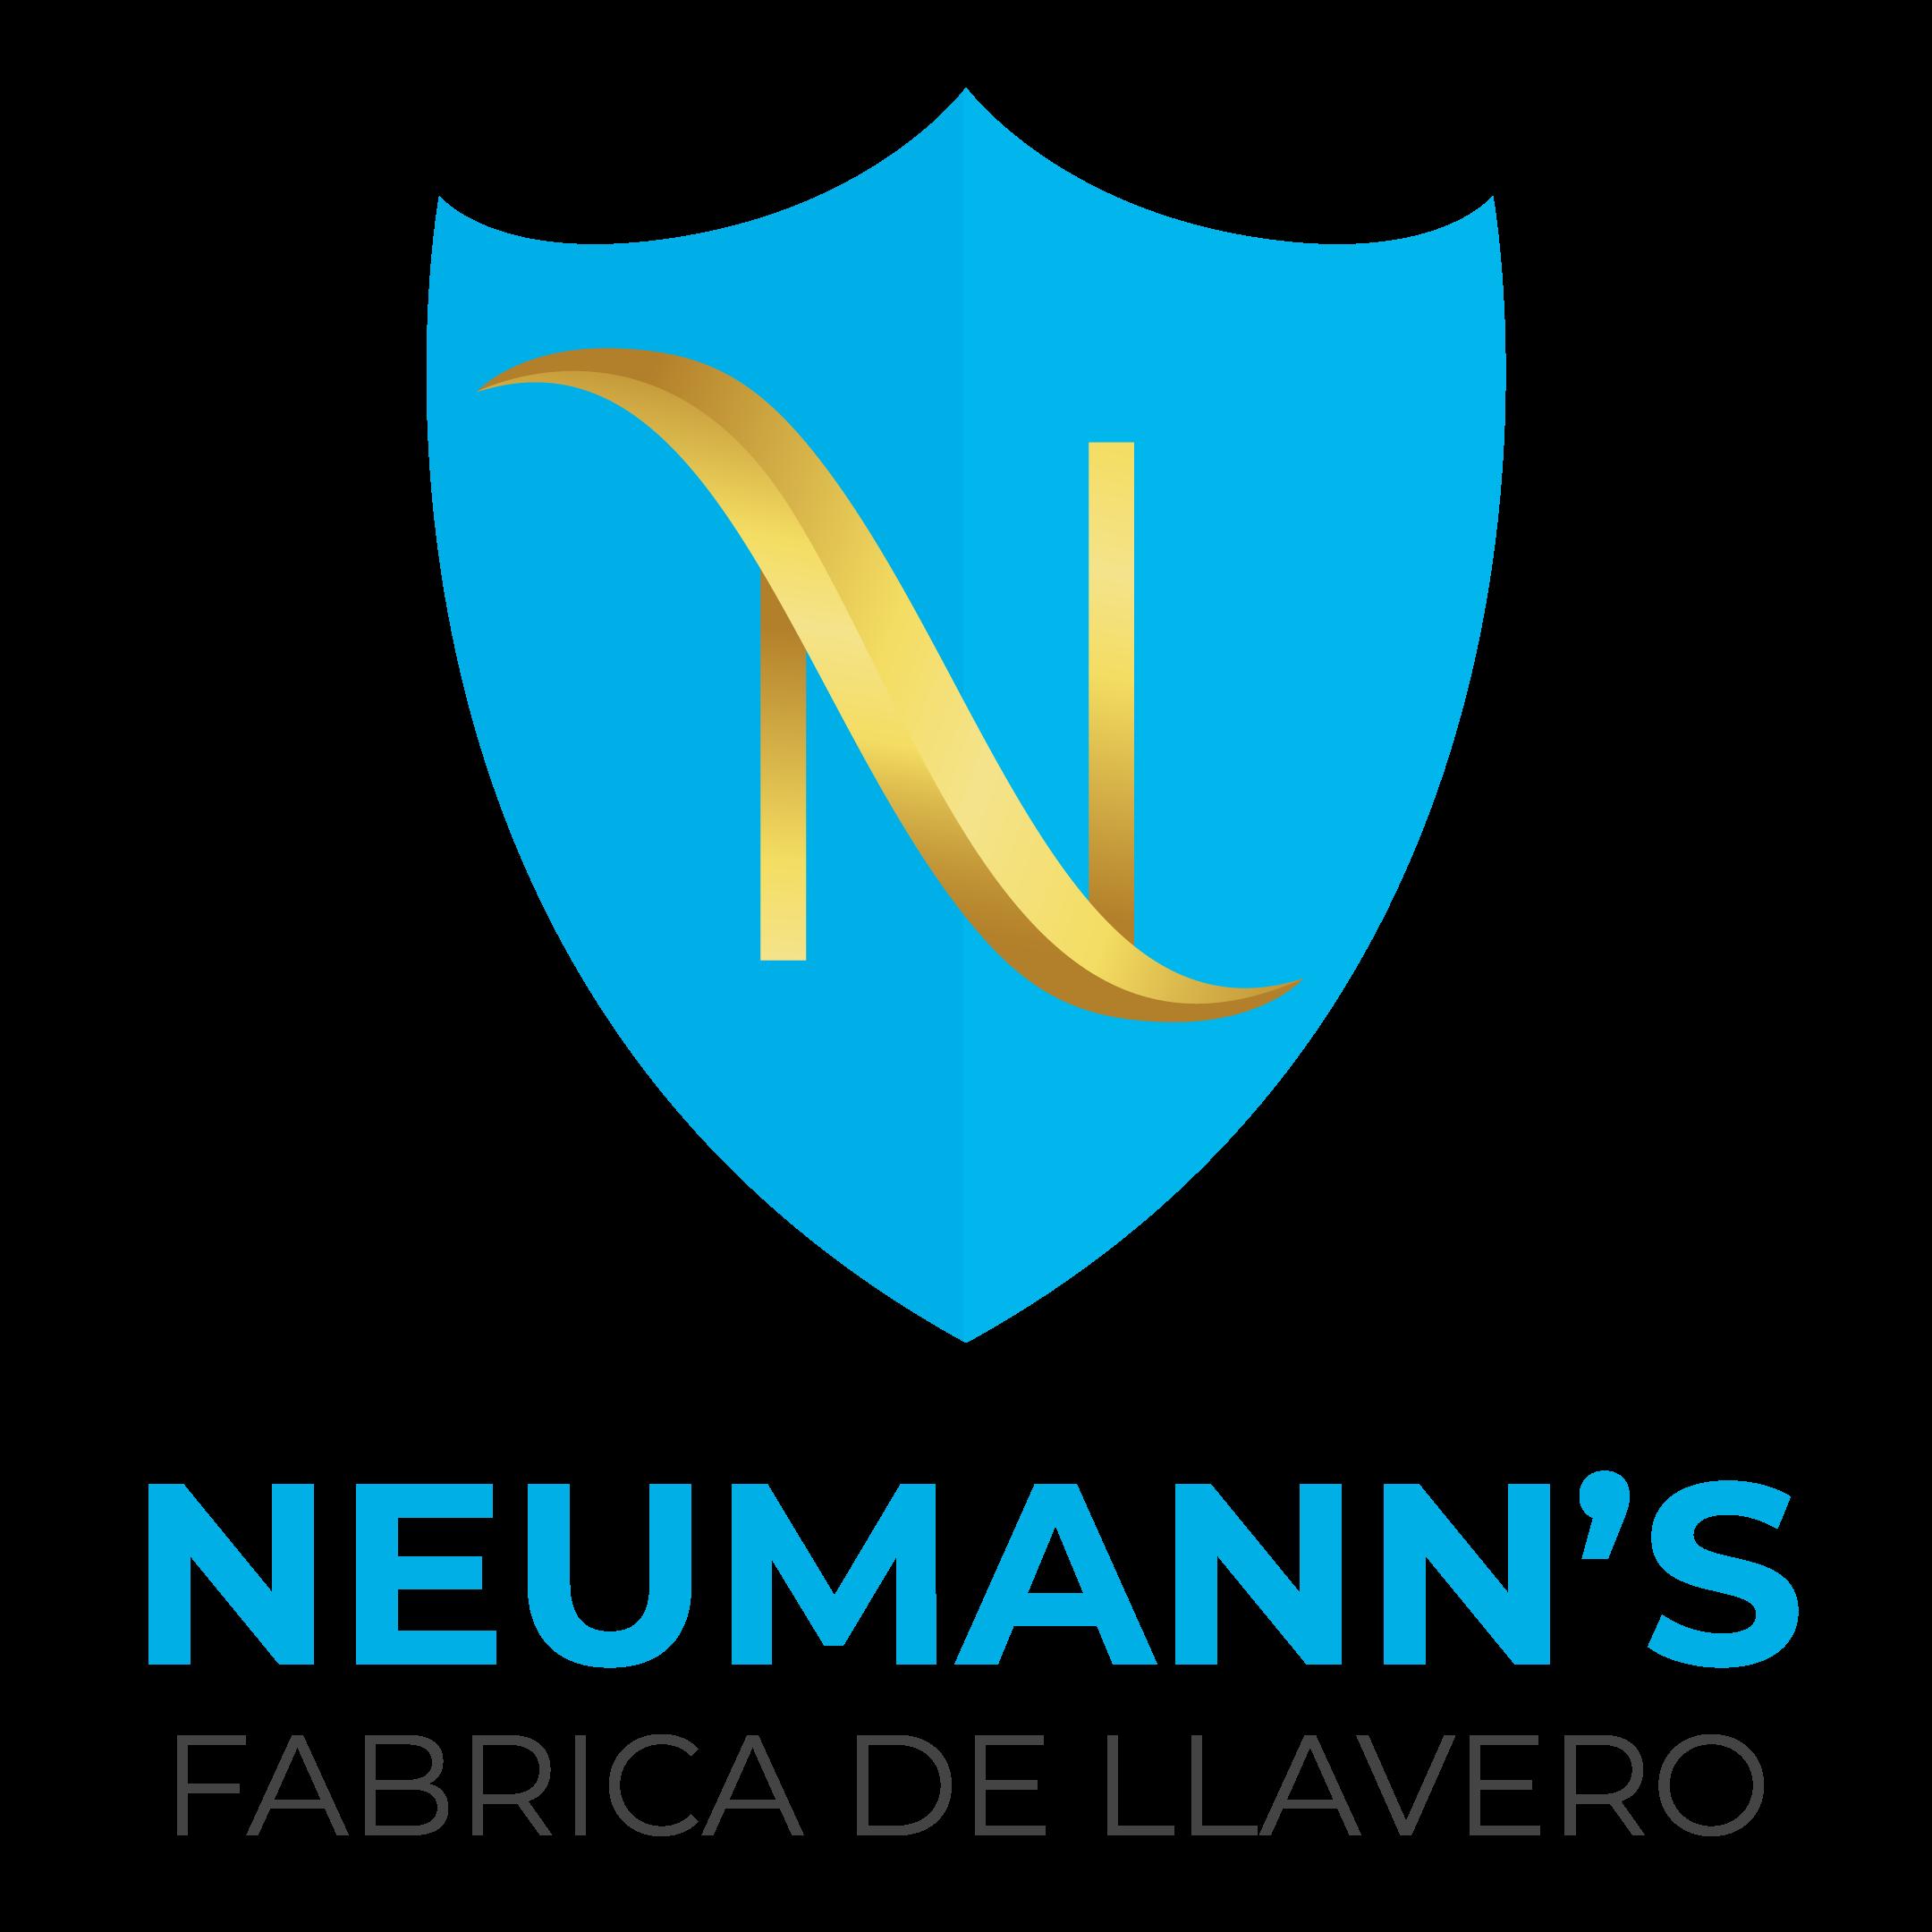 Neumanns